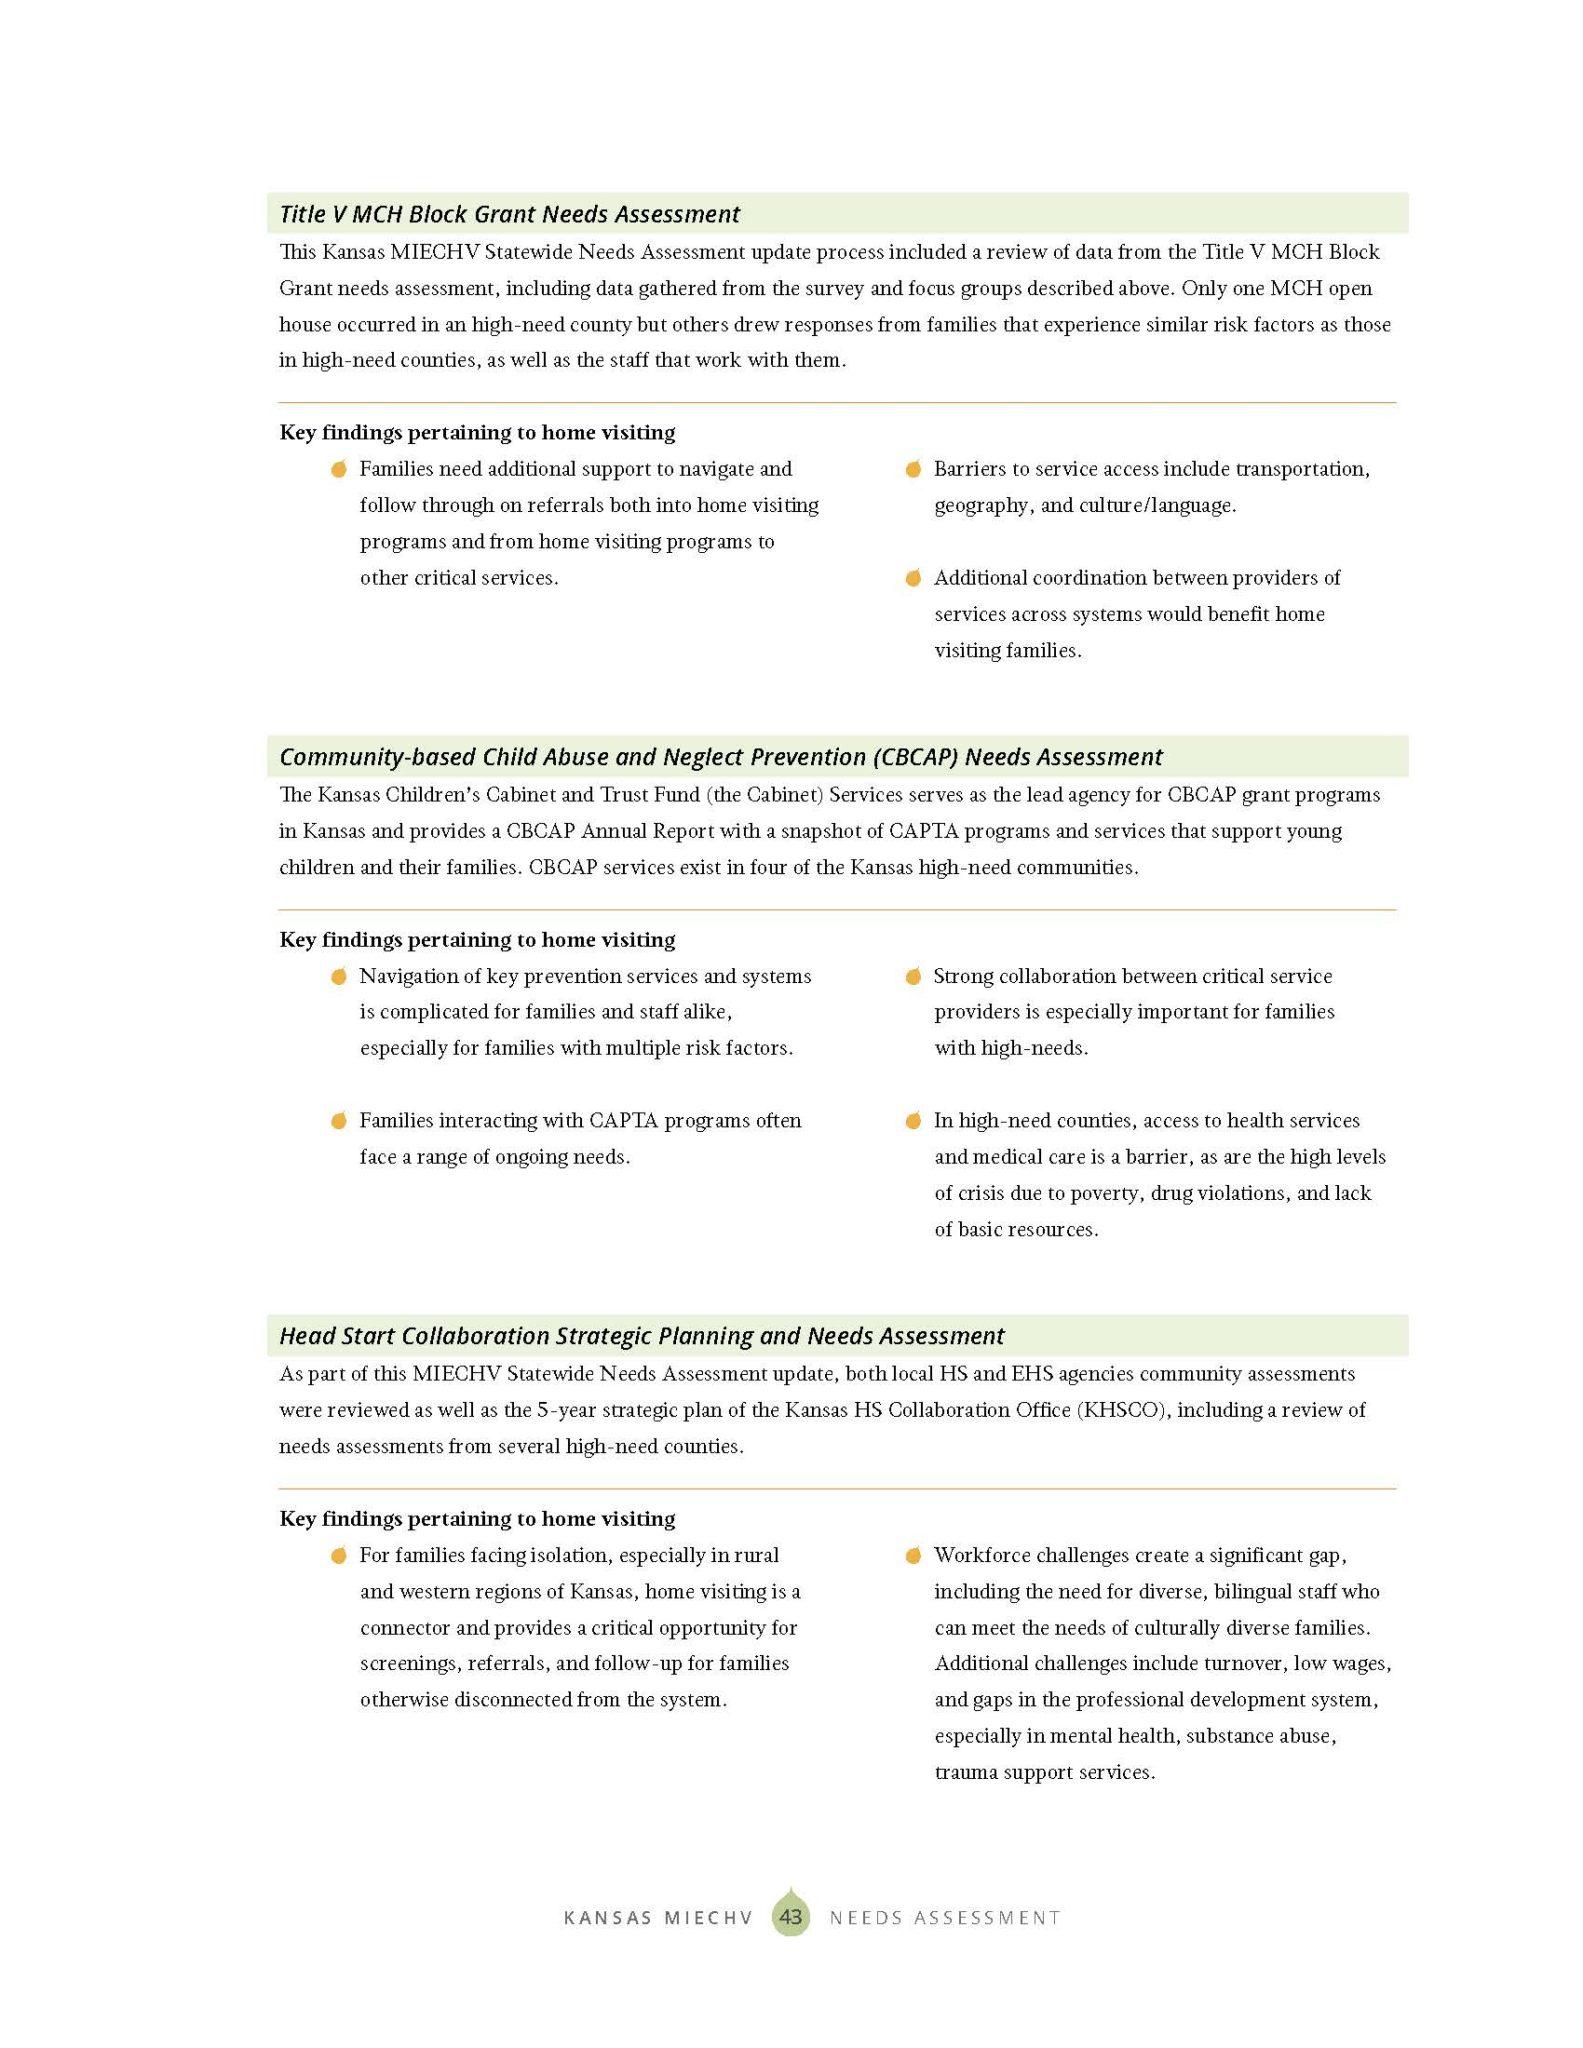 KS MIECHV 2020 Needs Assessment_DIGITAL_Page_051